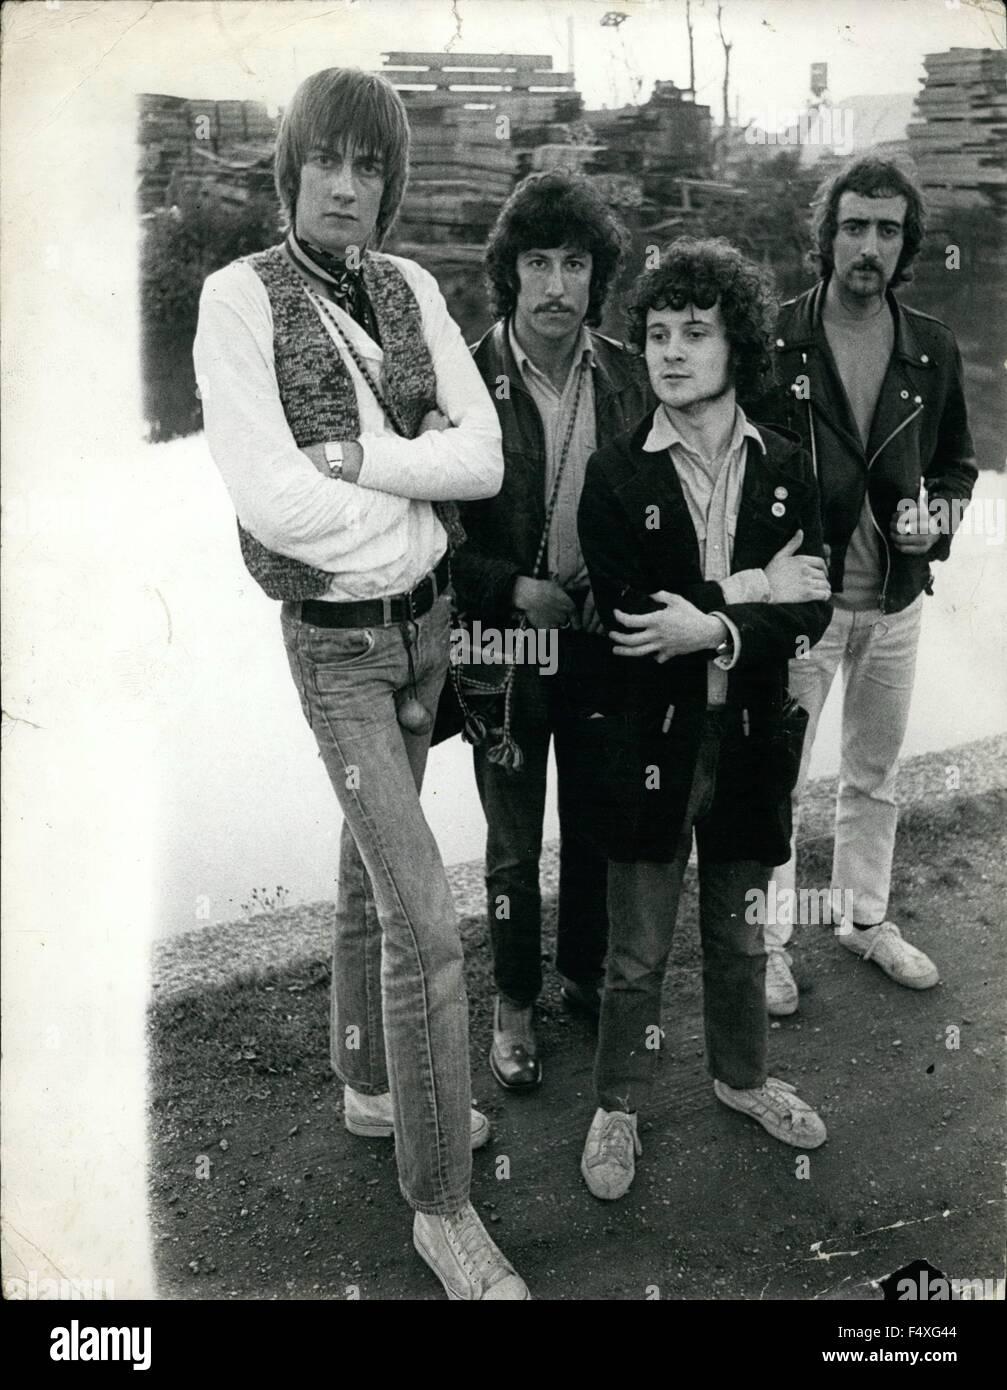 HOLA SOY EXTRATERRESTRE, ME ENSEÑAS ? - Página 2 1968-fleetwood-mac-john-mcvie-mick-fleetwood-peter-green-y-el-guitarrista-jeremy-spencer-fotos-keystone-usazumapresscomalamy-live-news-f4xg44